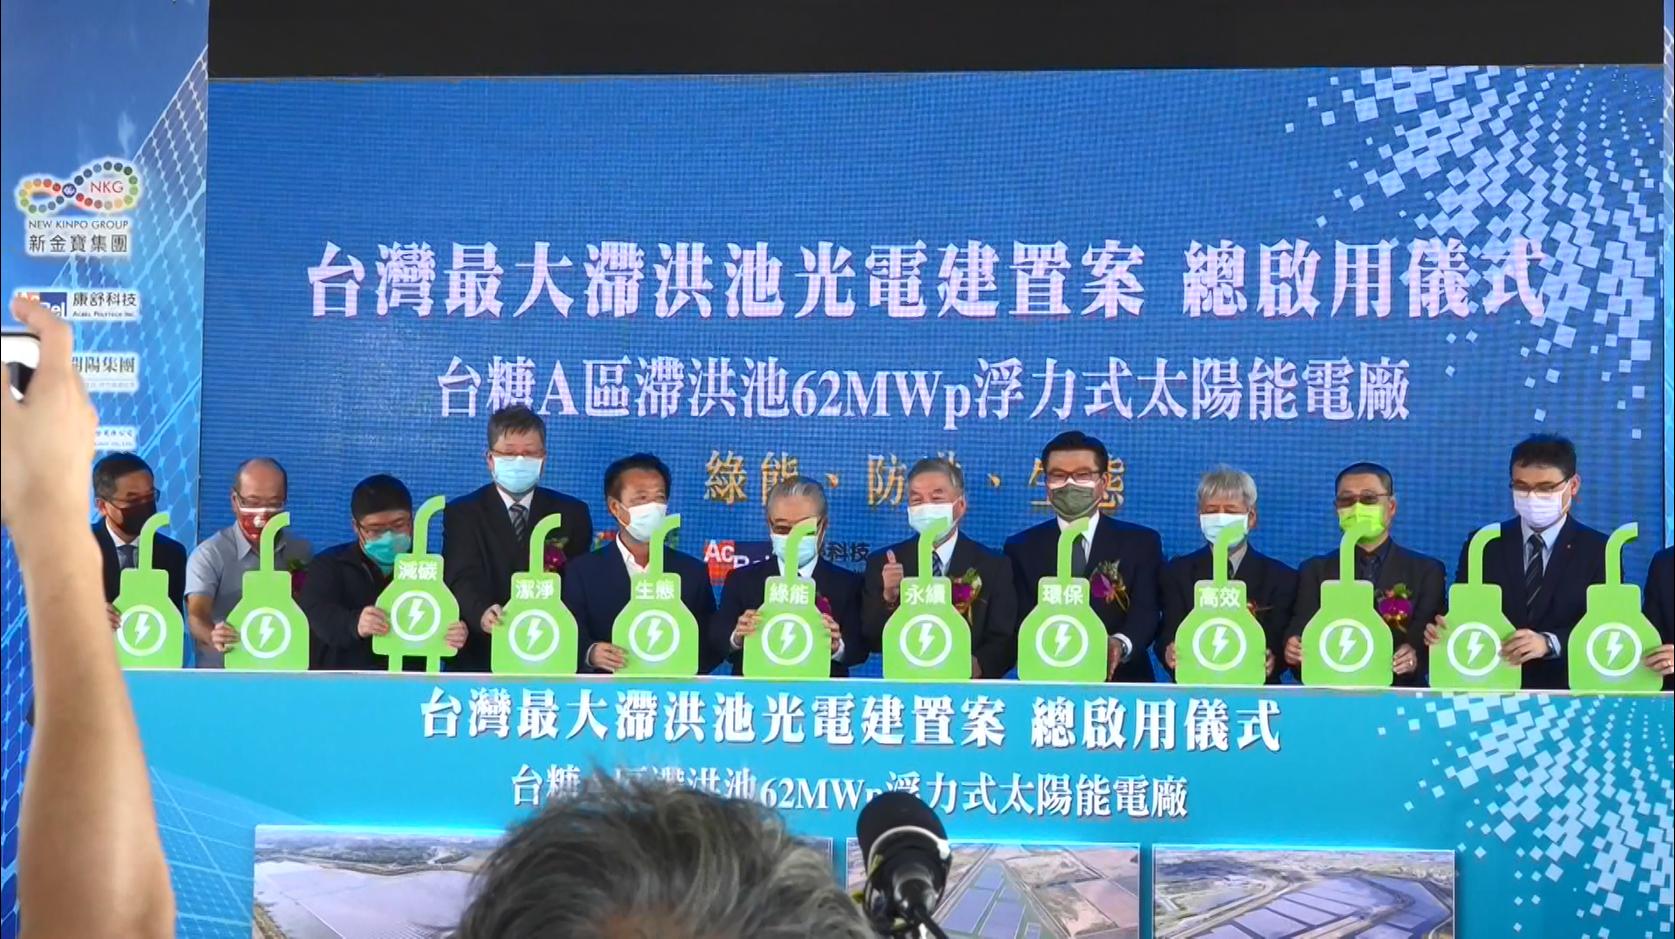 嘉義滯洪池光電廠啟用 全臺4廠1年發電8千萬度